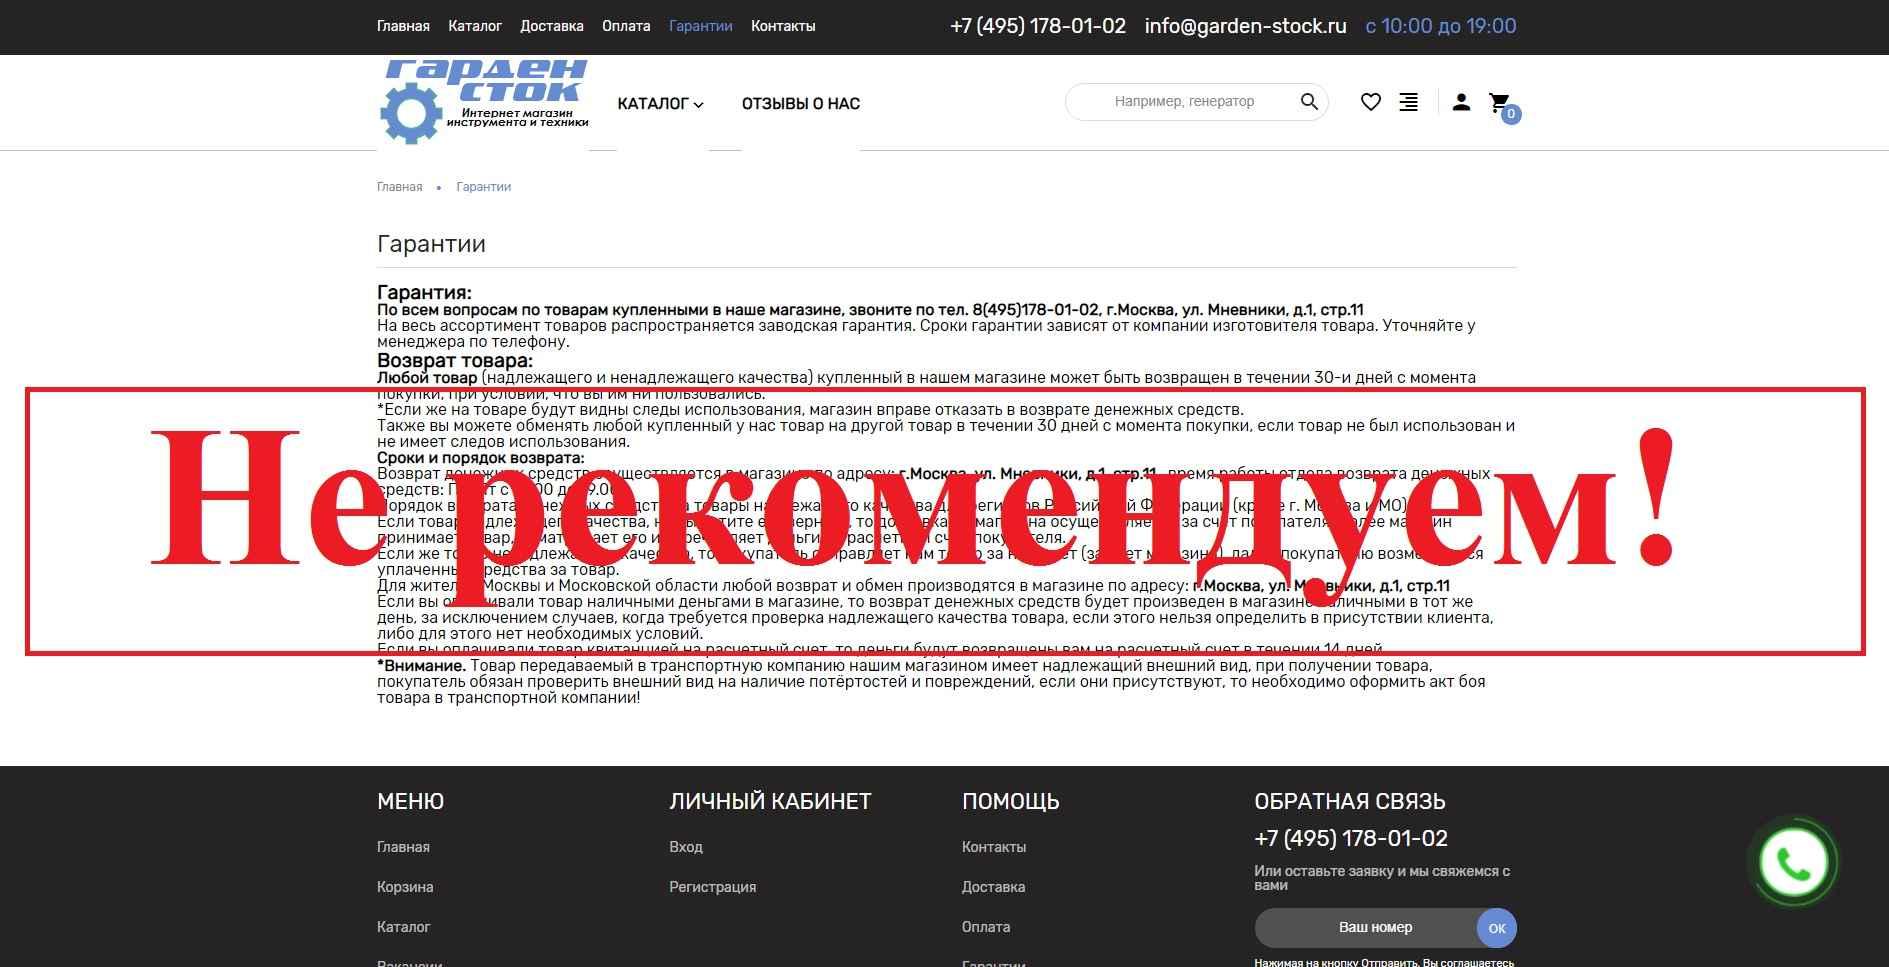 ГарденСток – отзывы о магазине garden-stock.ru